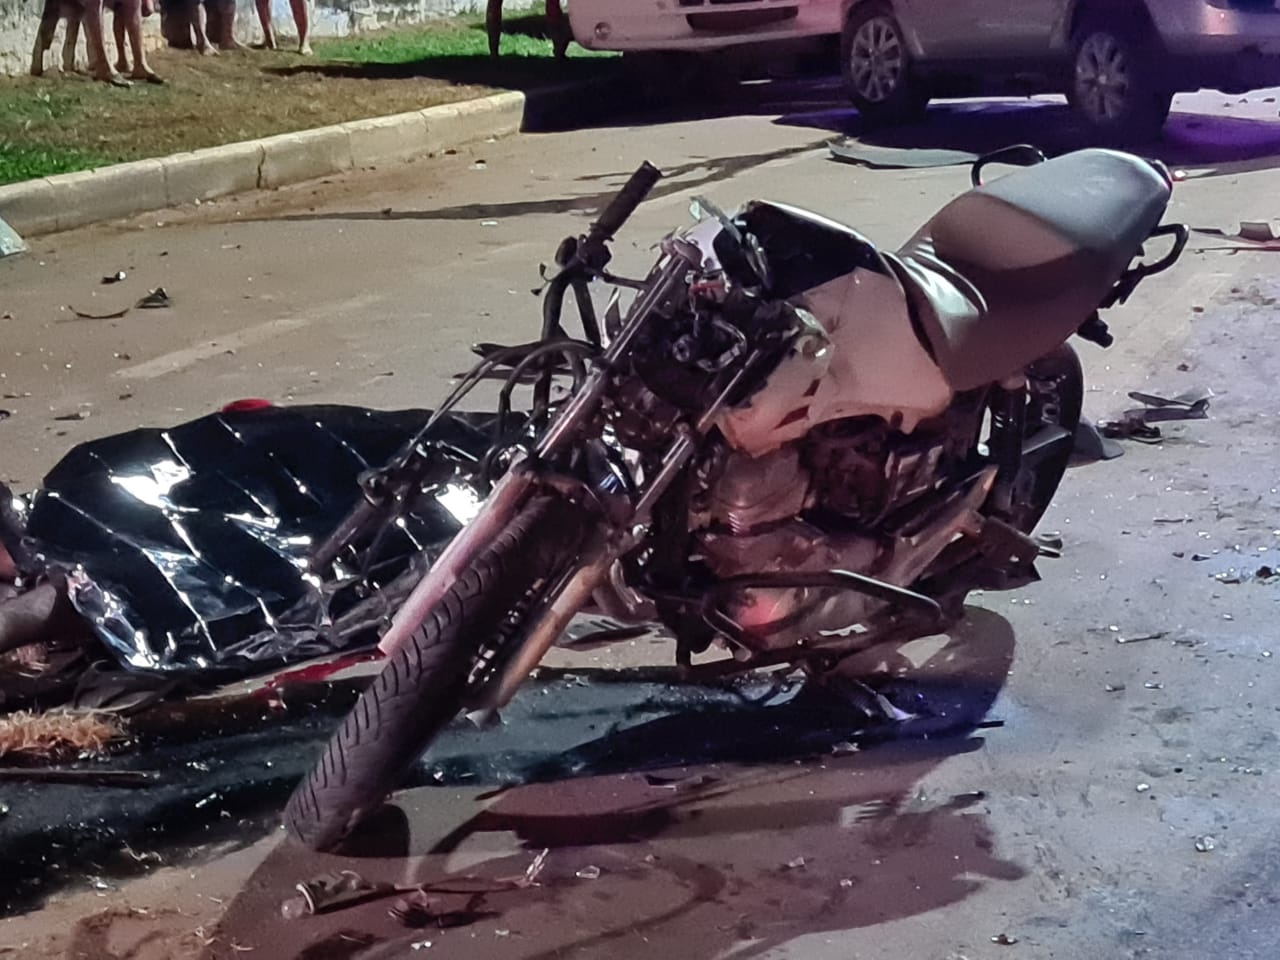 Jovem motociclista de 19 anos perde a vida em acidente 14